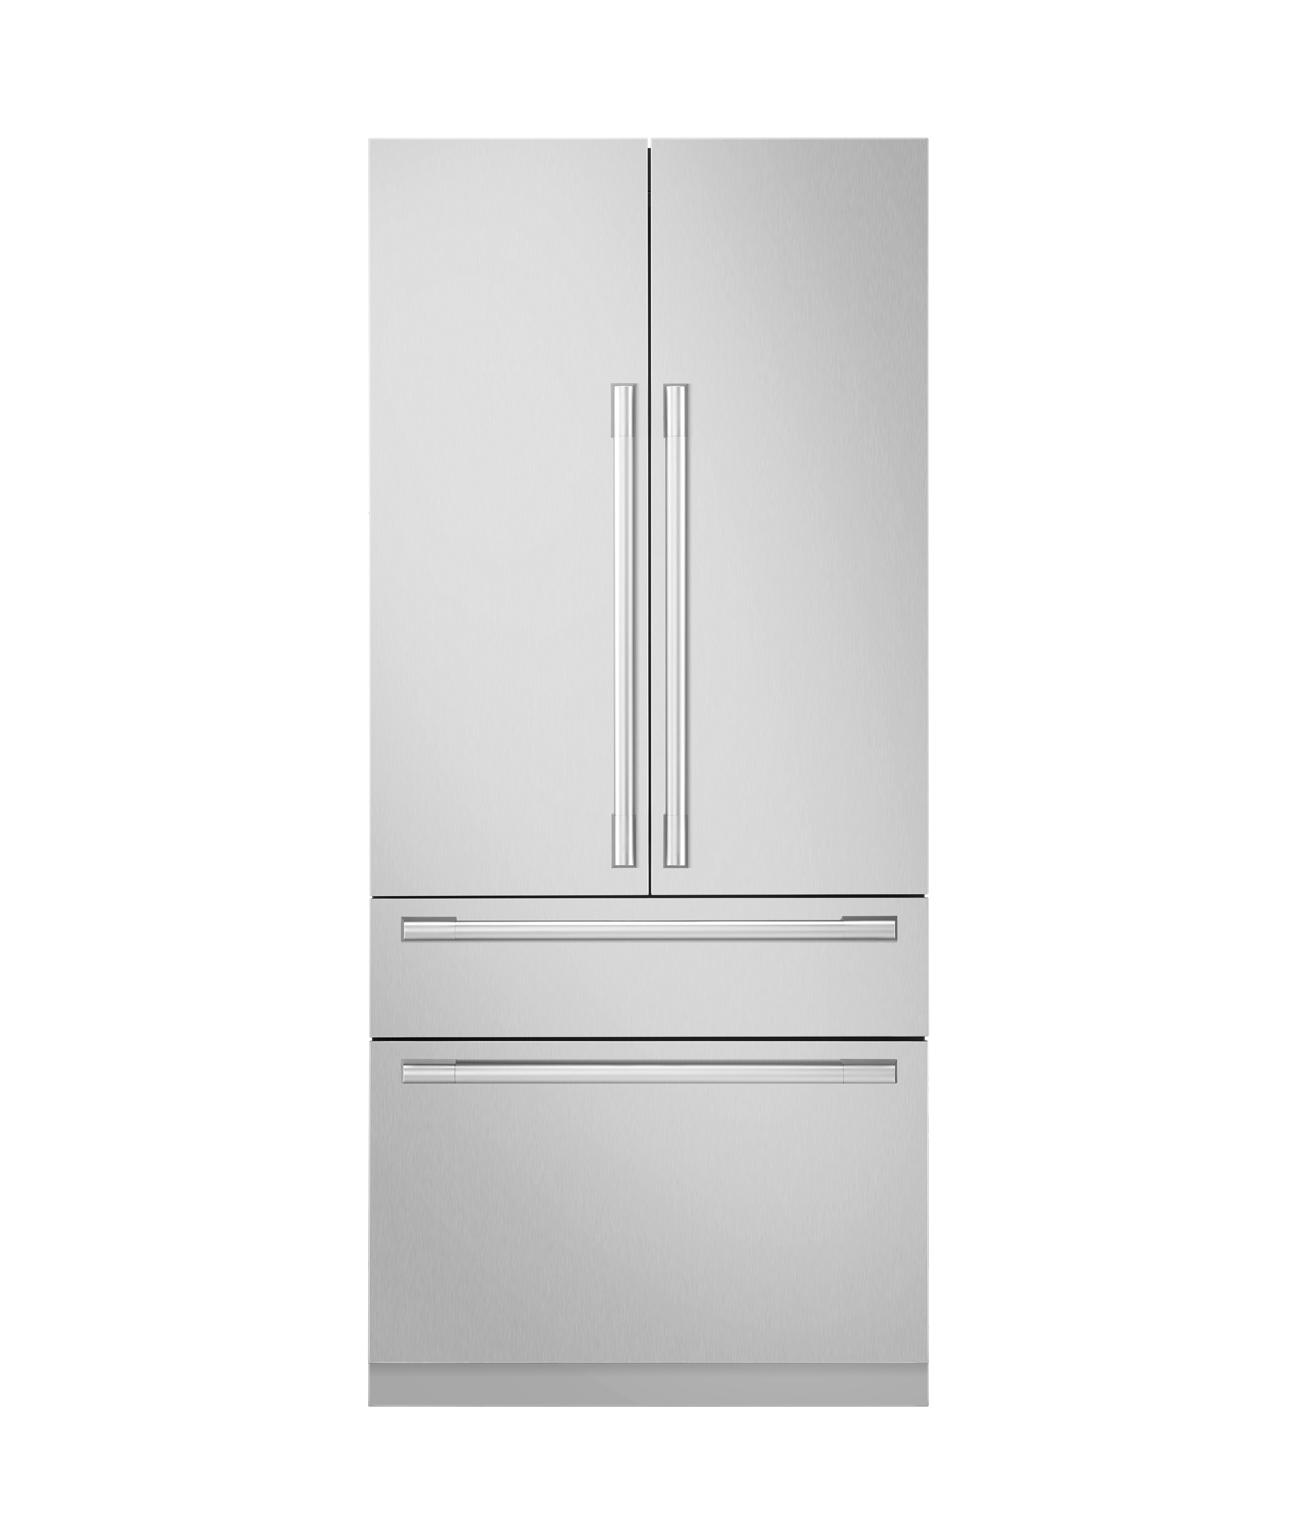 36-inch Built-in French Door Refrigerator Open